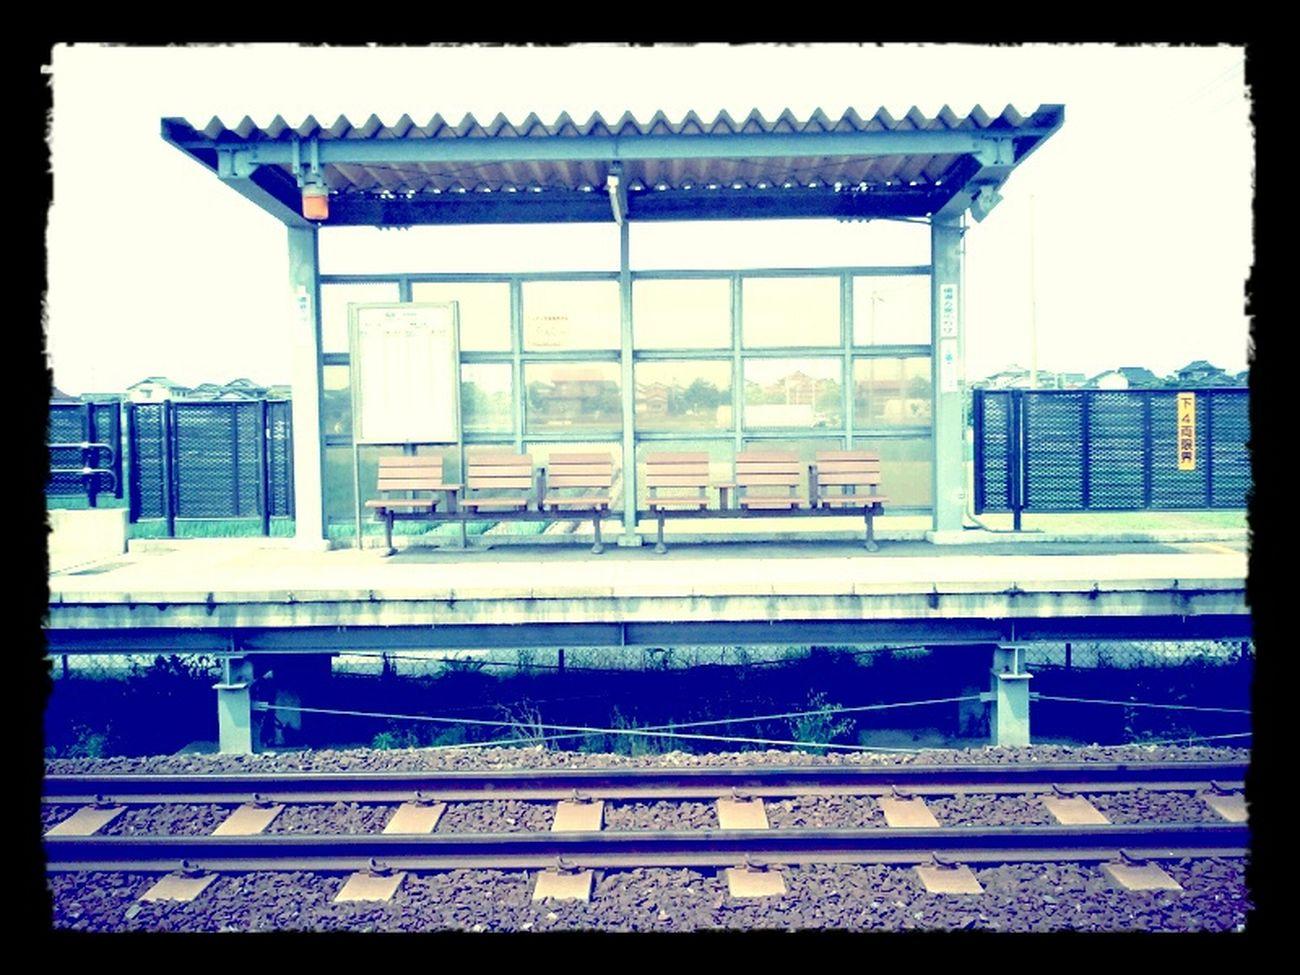 たまには乗ります。 鬼太郎列車 を 駅 にて待つ。 Life Like4like